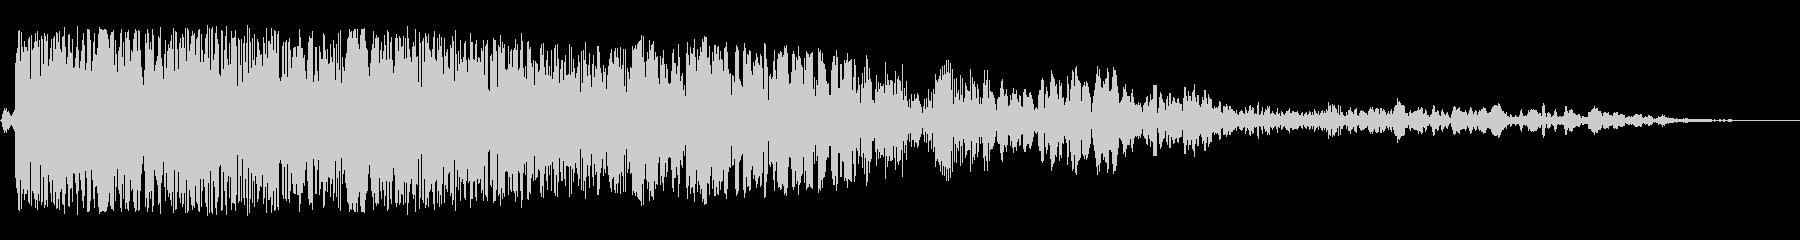 グワワーン(恐怖感の音)の未再生の波形